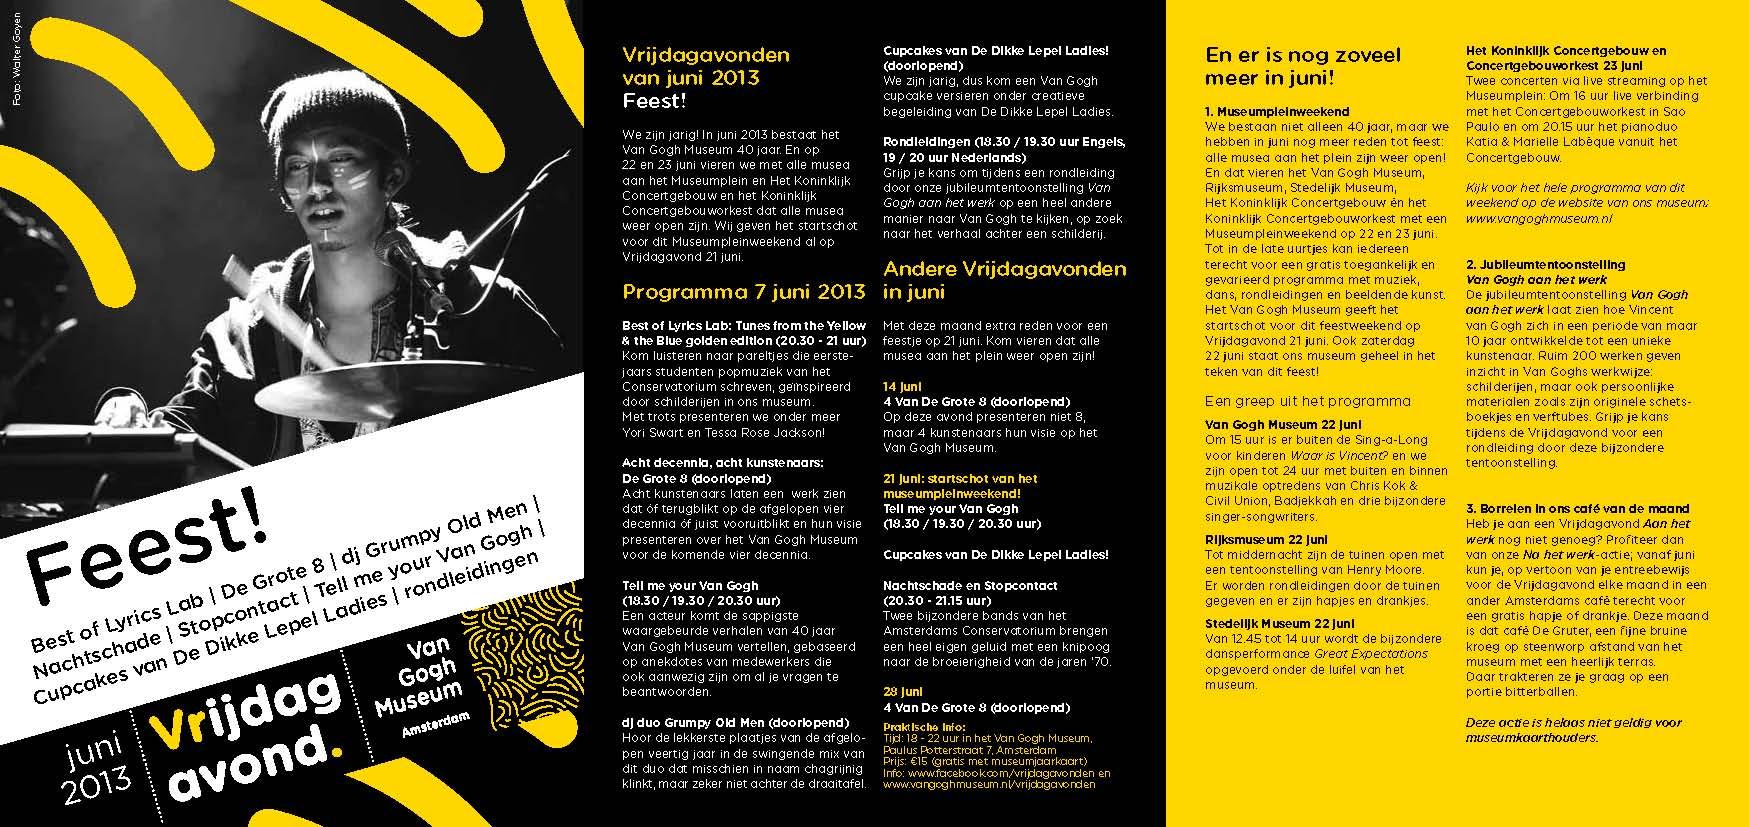 VGM_avondlijn_Flyer_A5_Juni_NL_LR!